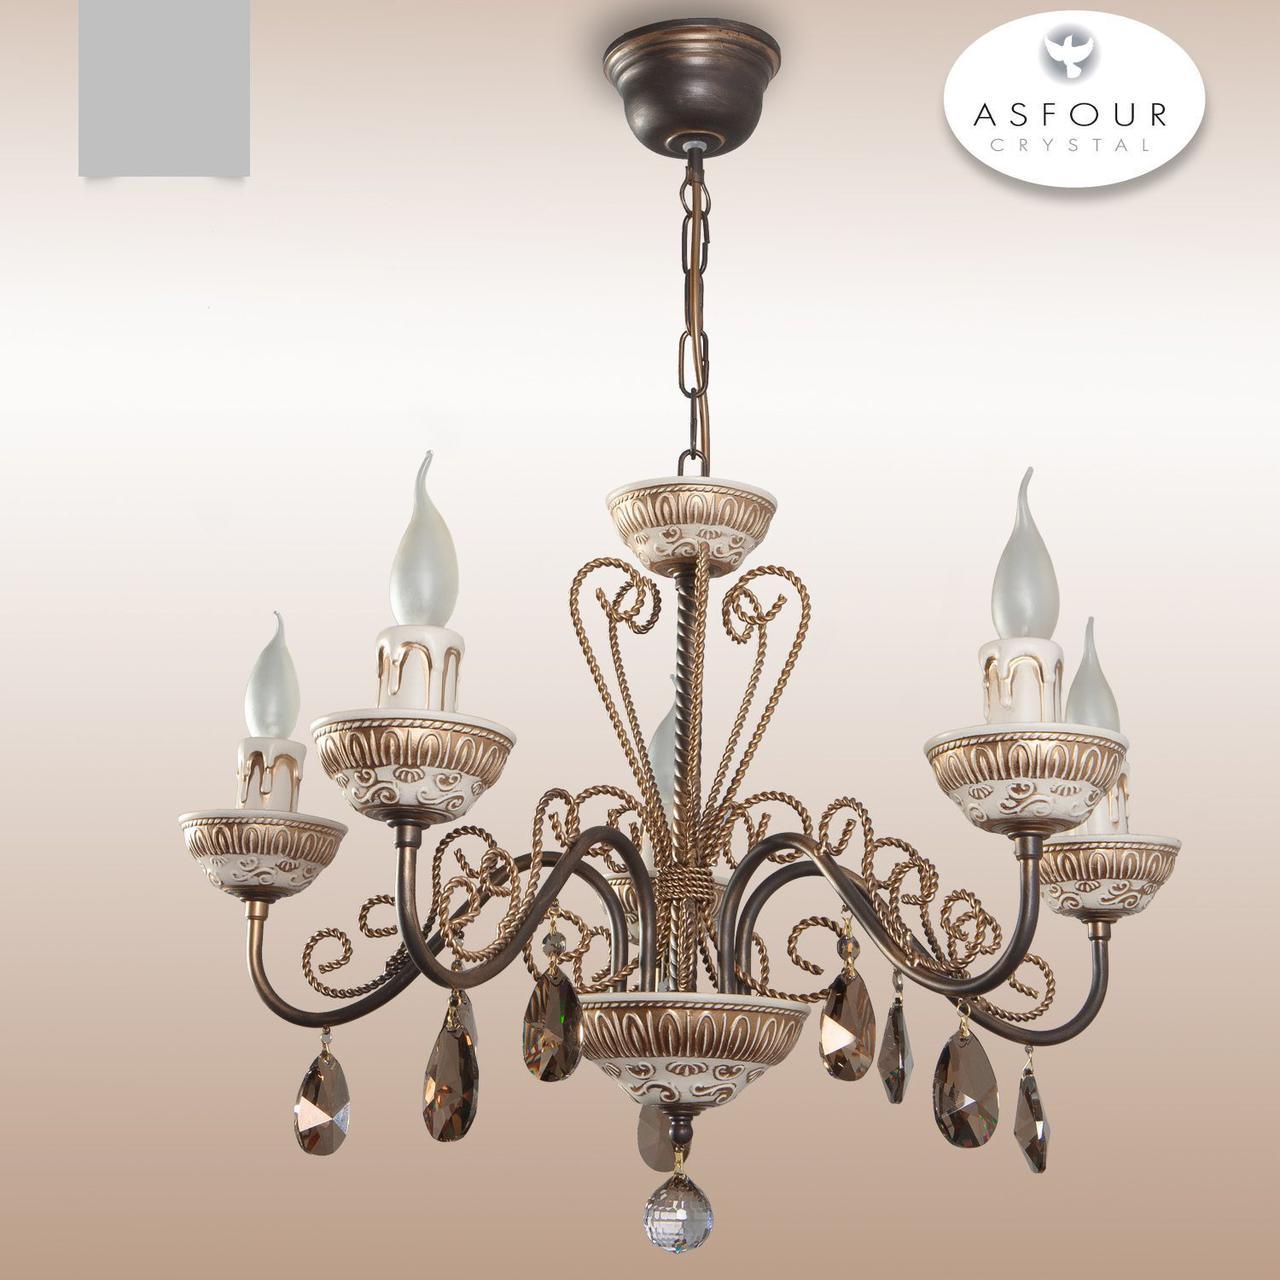 Люстра 5-ти ламповая кованная со свечами и хрустальными подвесками  для спальни, для зала 30555